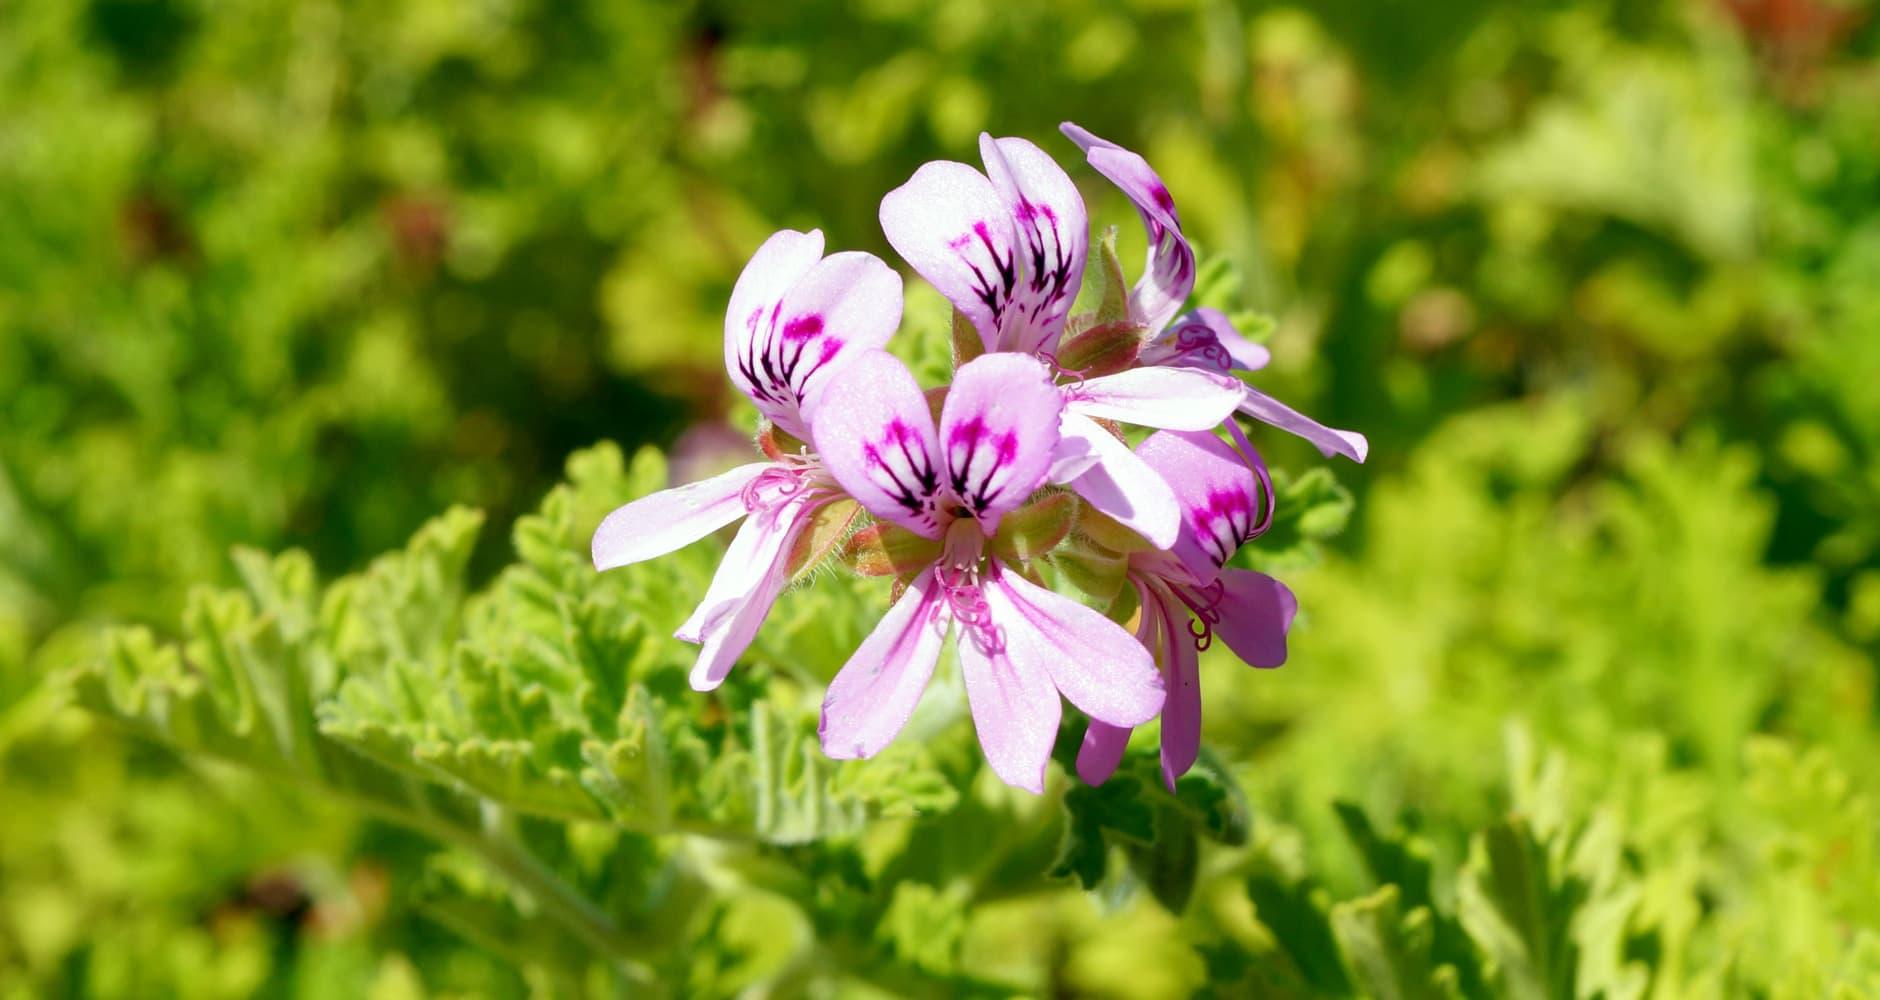 Geranium flower in field